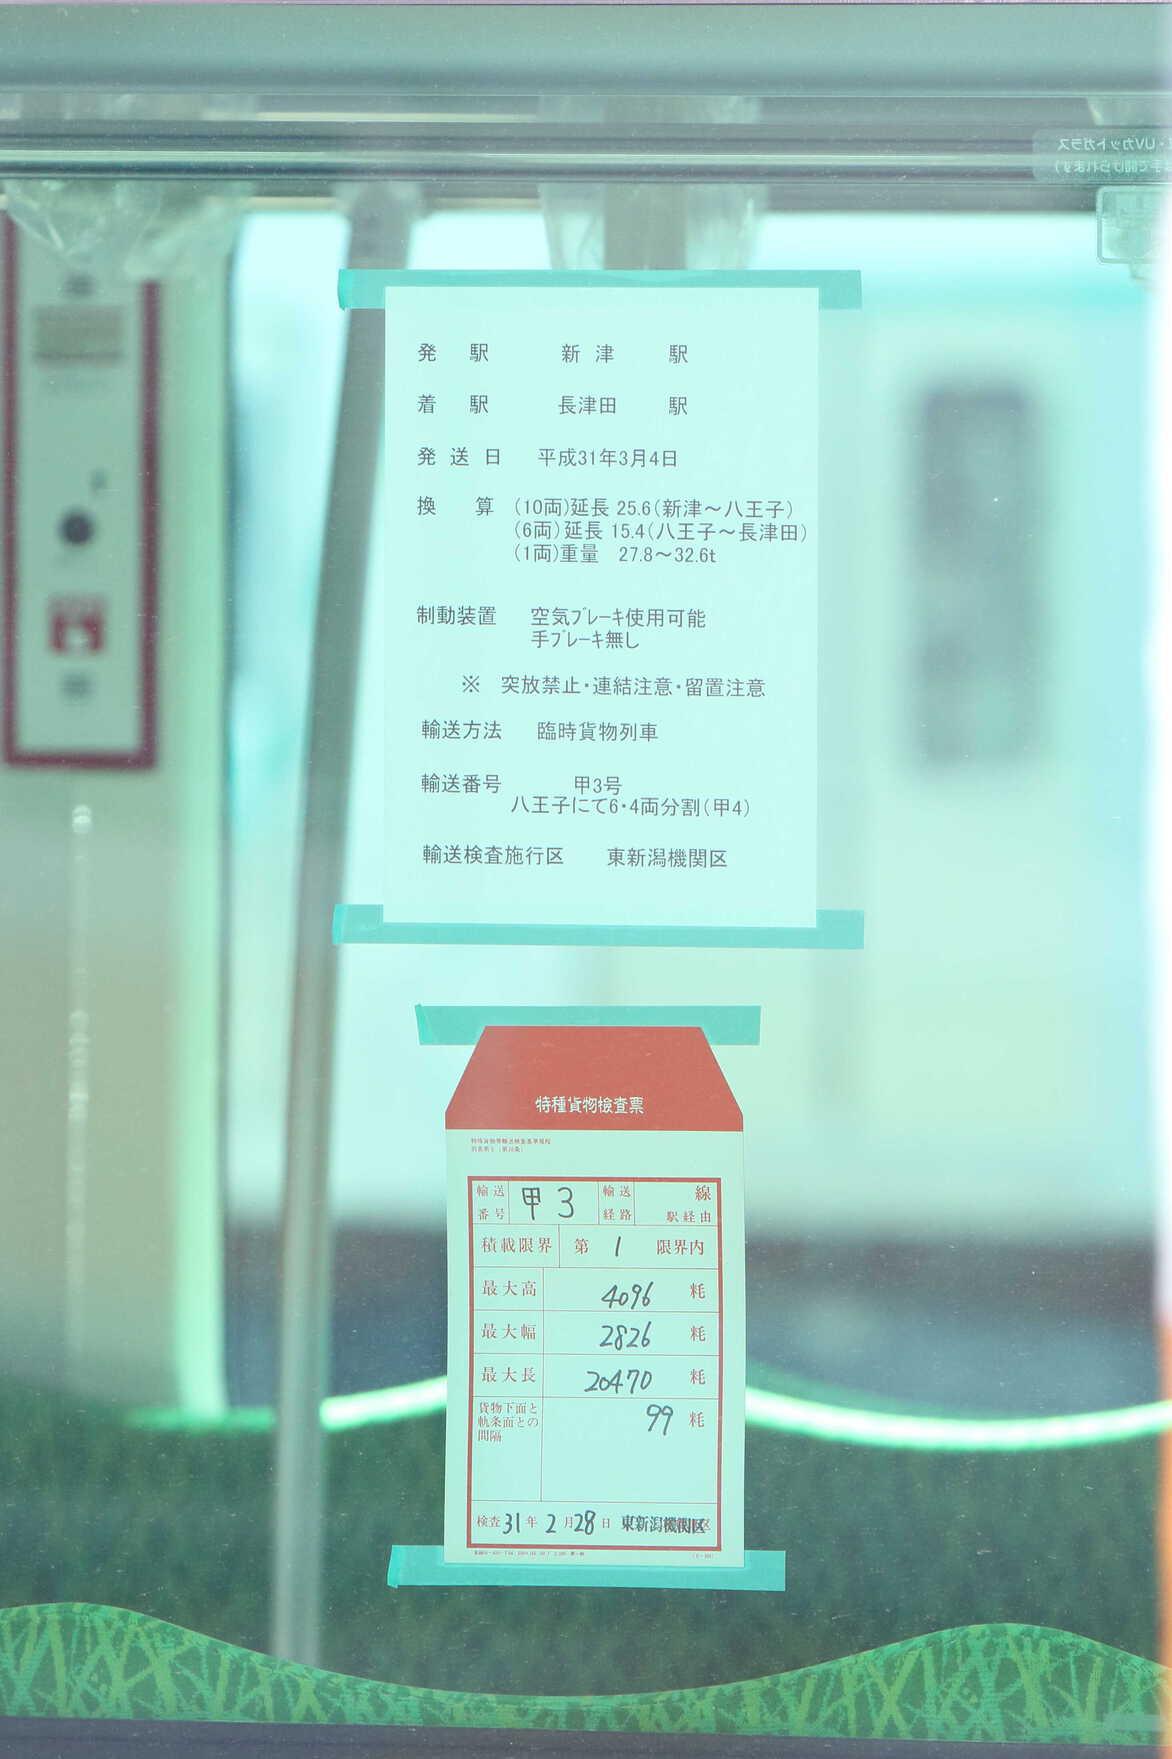 甲3(新津〜長津田) 特殊貨物検査票